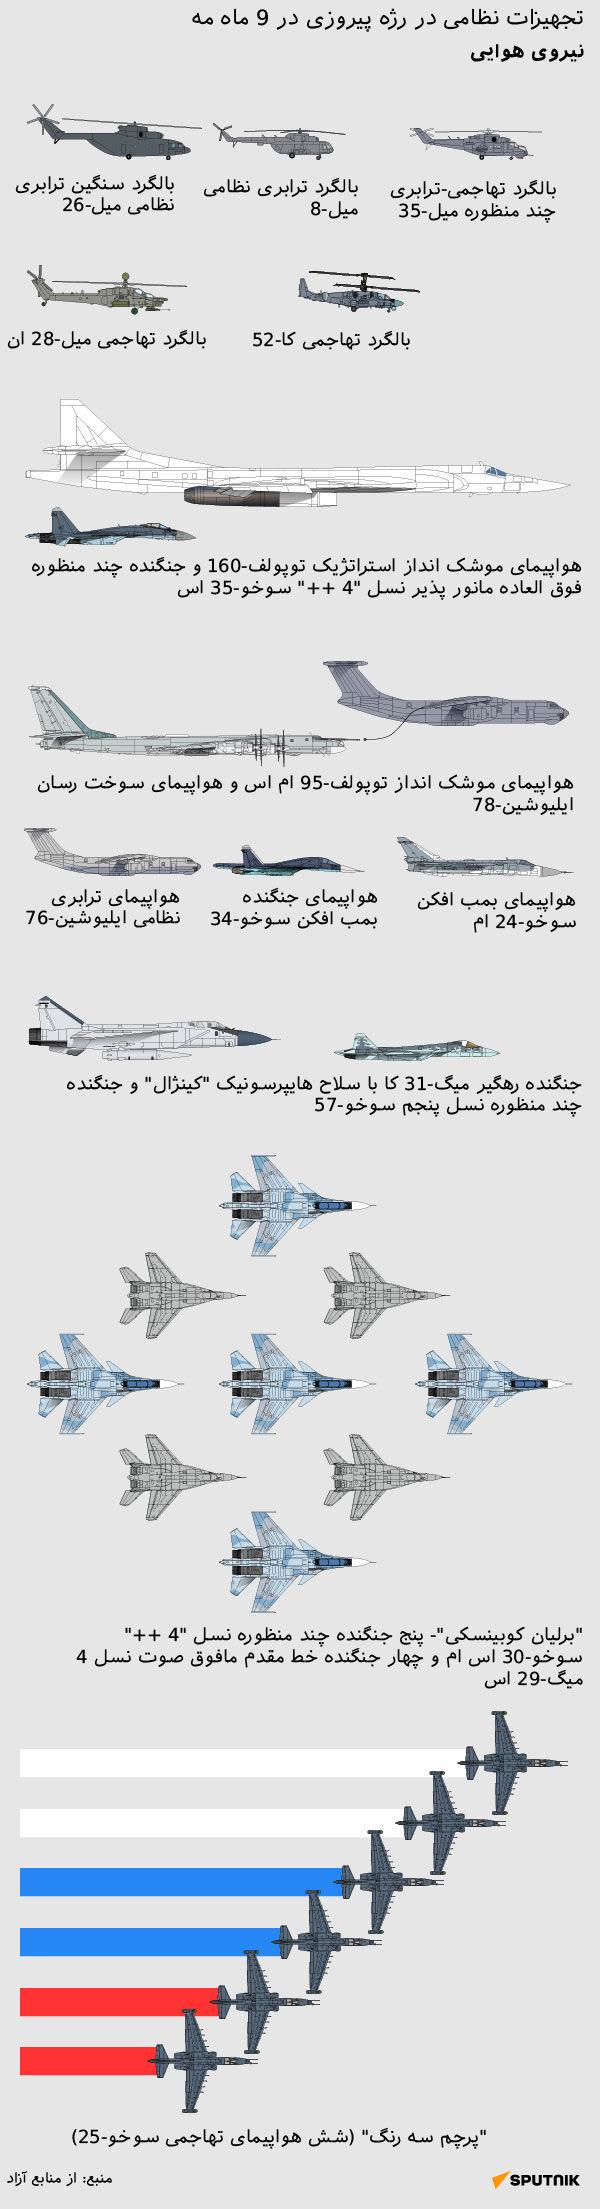 هواپیماها و بالگردها در رژه 76-مین سالگرد پیروزی در جنگ جهانی دوم + داده نمایی